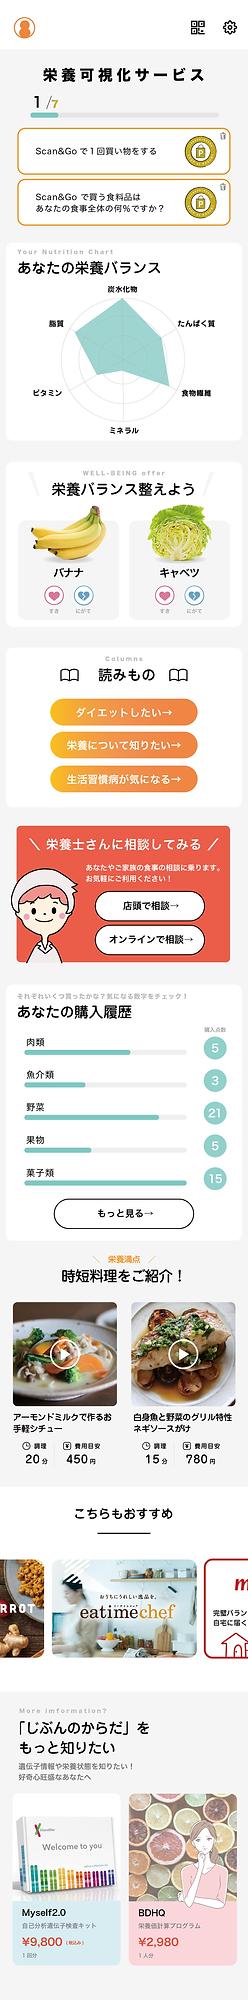 スマホ画面UIデザイン.png